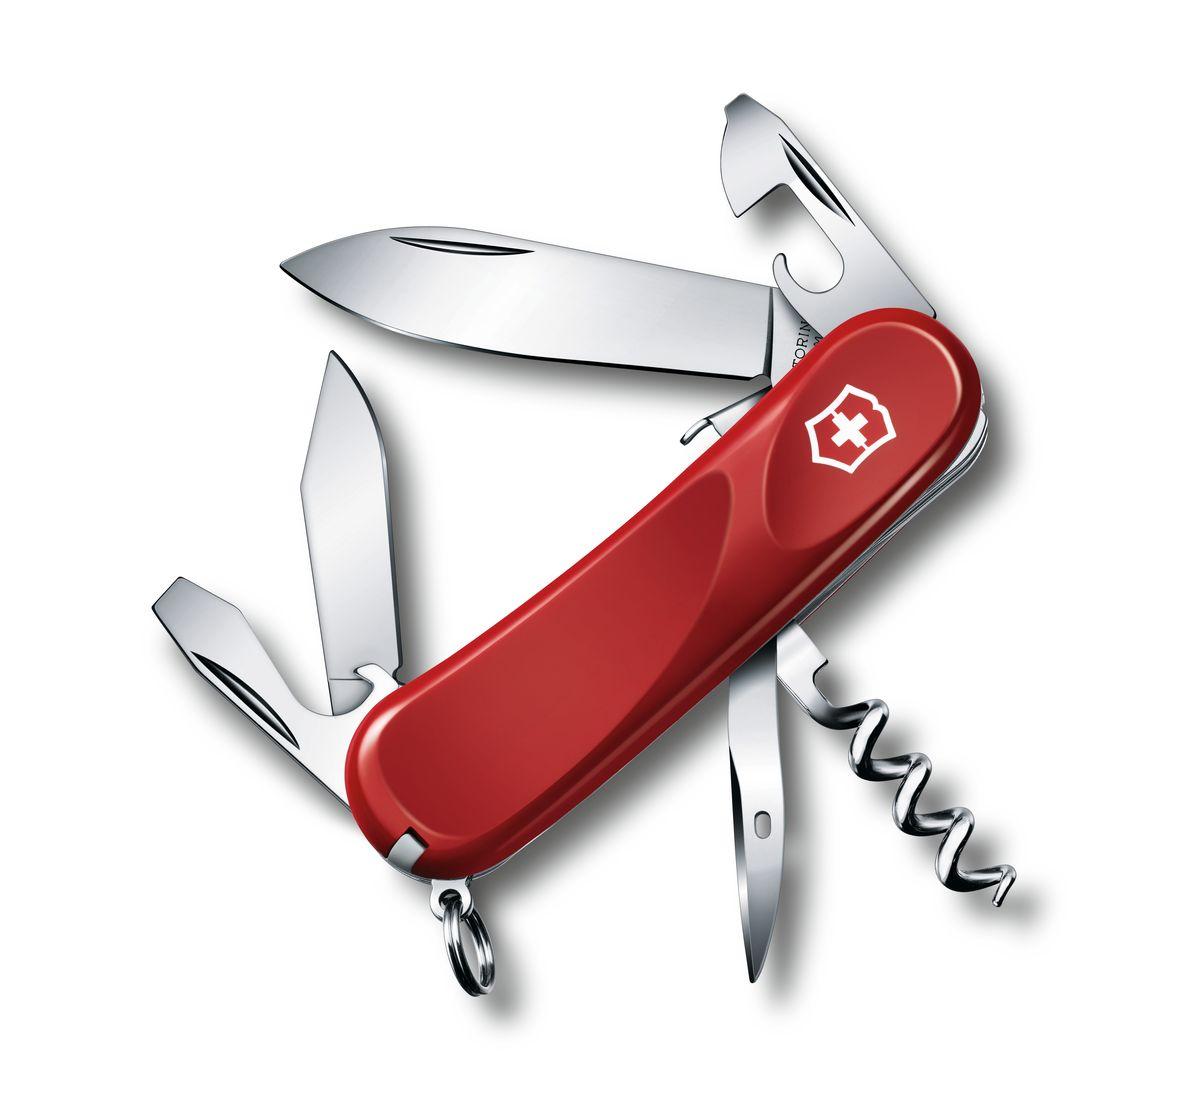 Нож перочинный Victorinox Evolution S101 2.3603.SE, цвет: красный